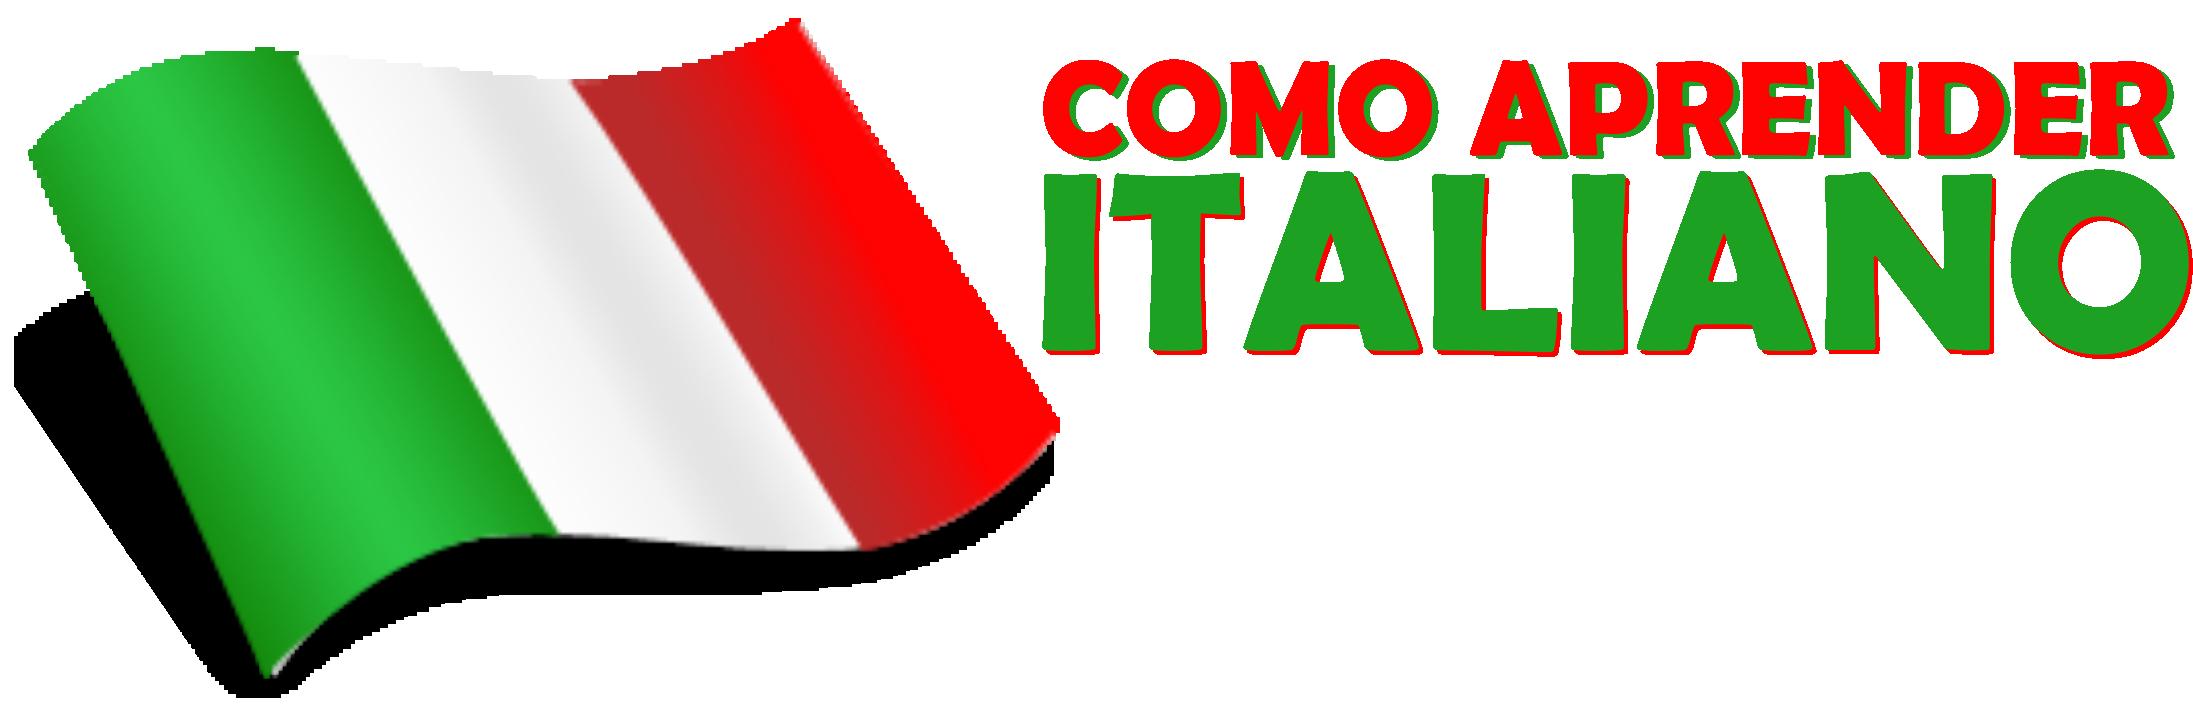 ucraine troie como aprender italiano